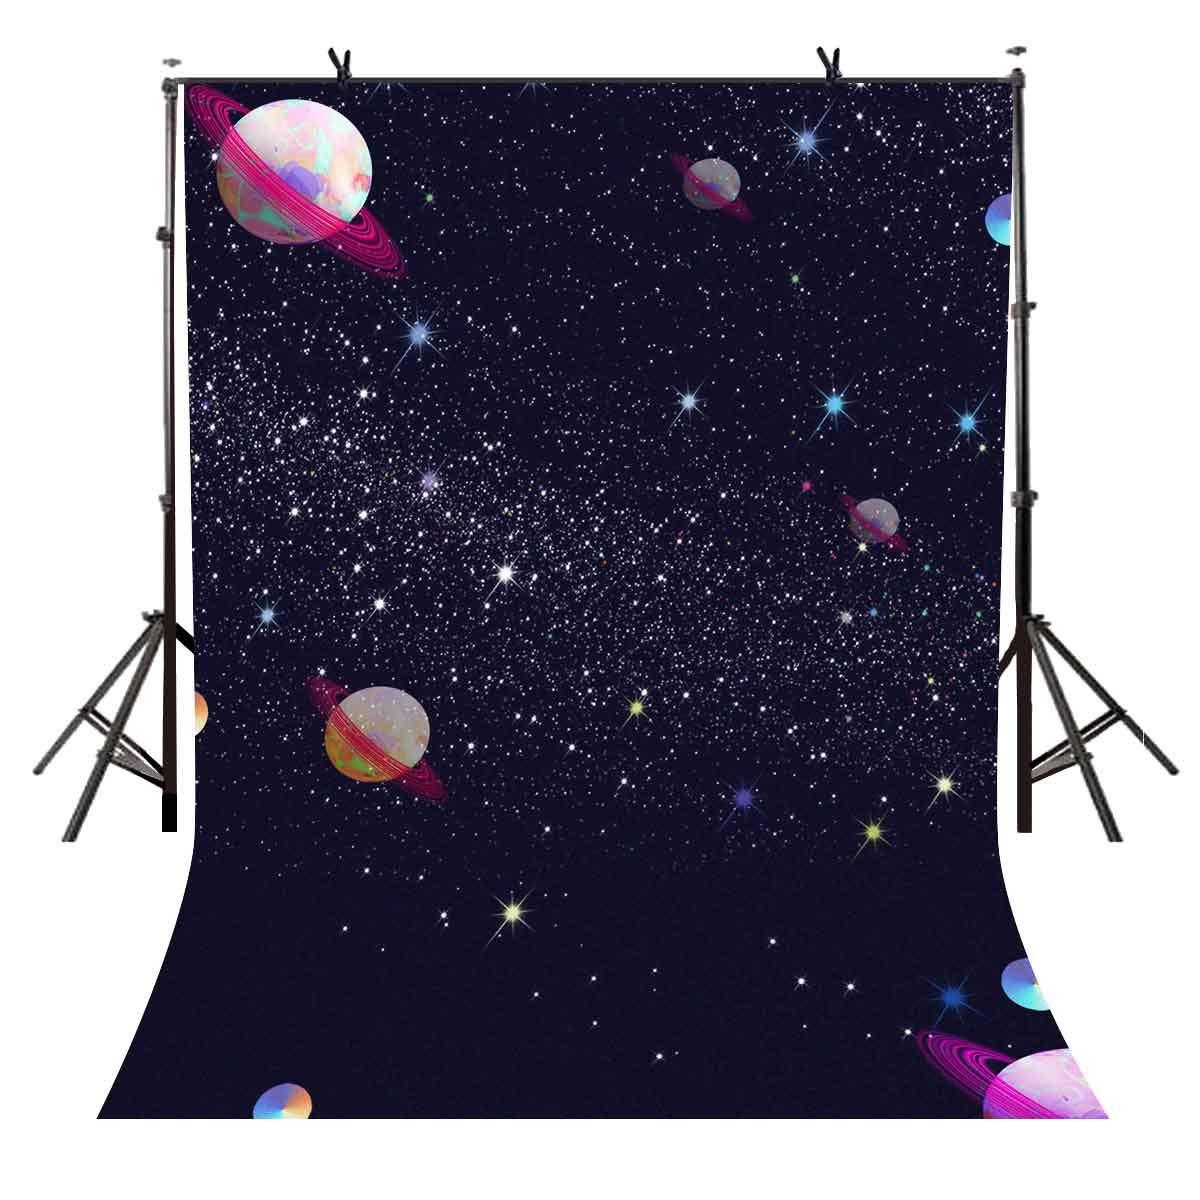 VVM 5x7フィート 星空背景 カートゥーン 宇宙 写真撮影 背景 写真撮影 背景 小道具 ビデオ スタジオ背景 LXVV261   B07GN8RCYL